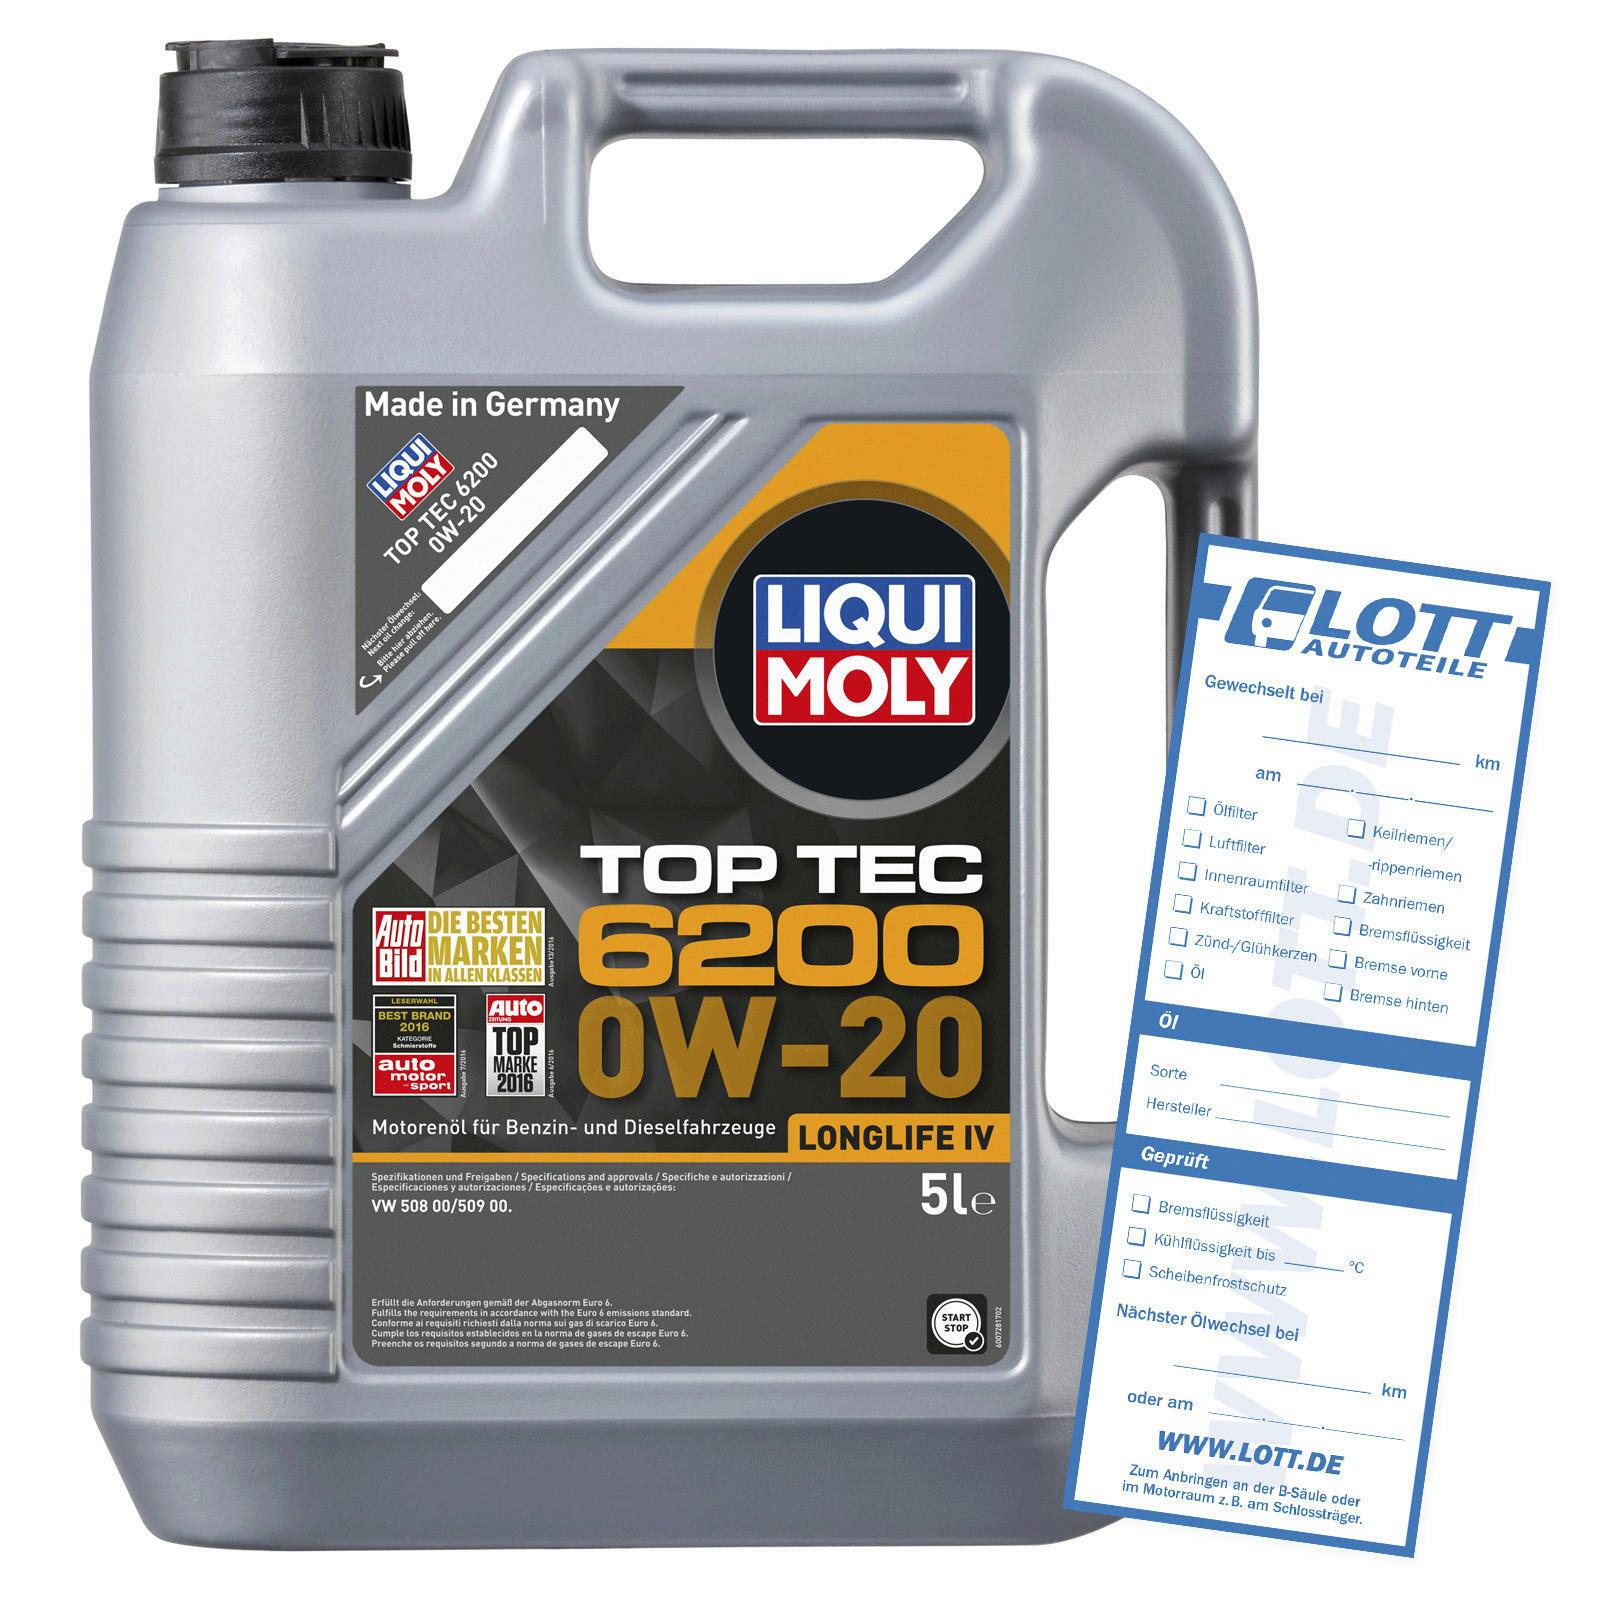 LIQUI MOLY TOP TEC 6200 0W-20 5L